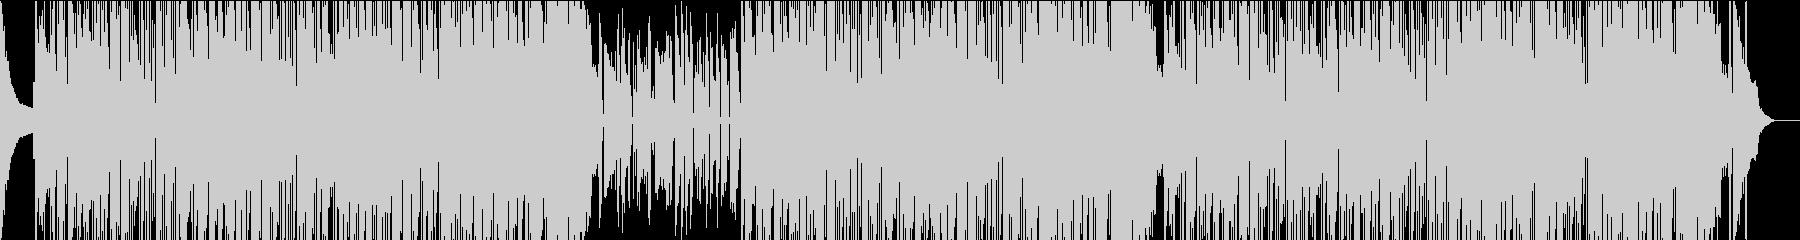 スローでシンプルなボサノバ_02の未再生の波形